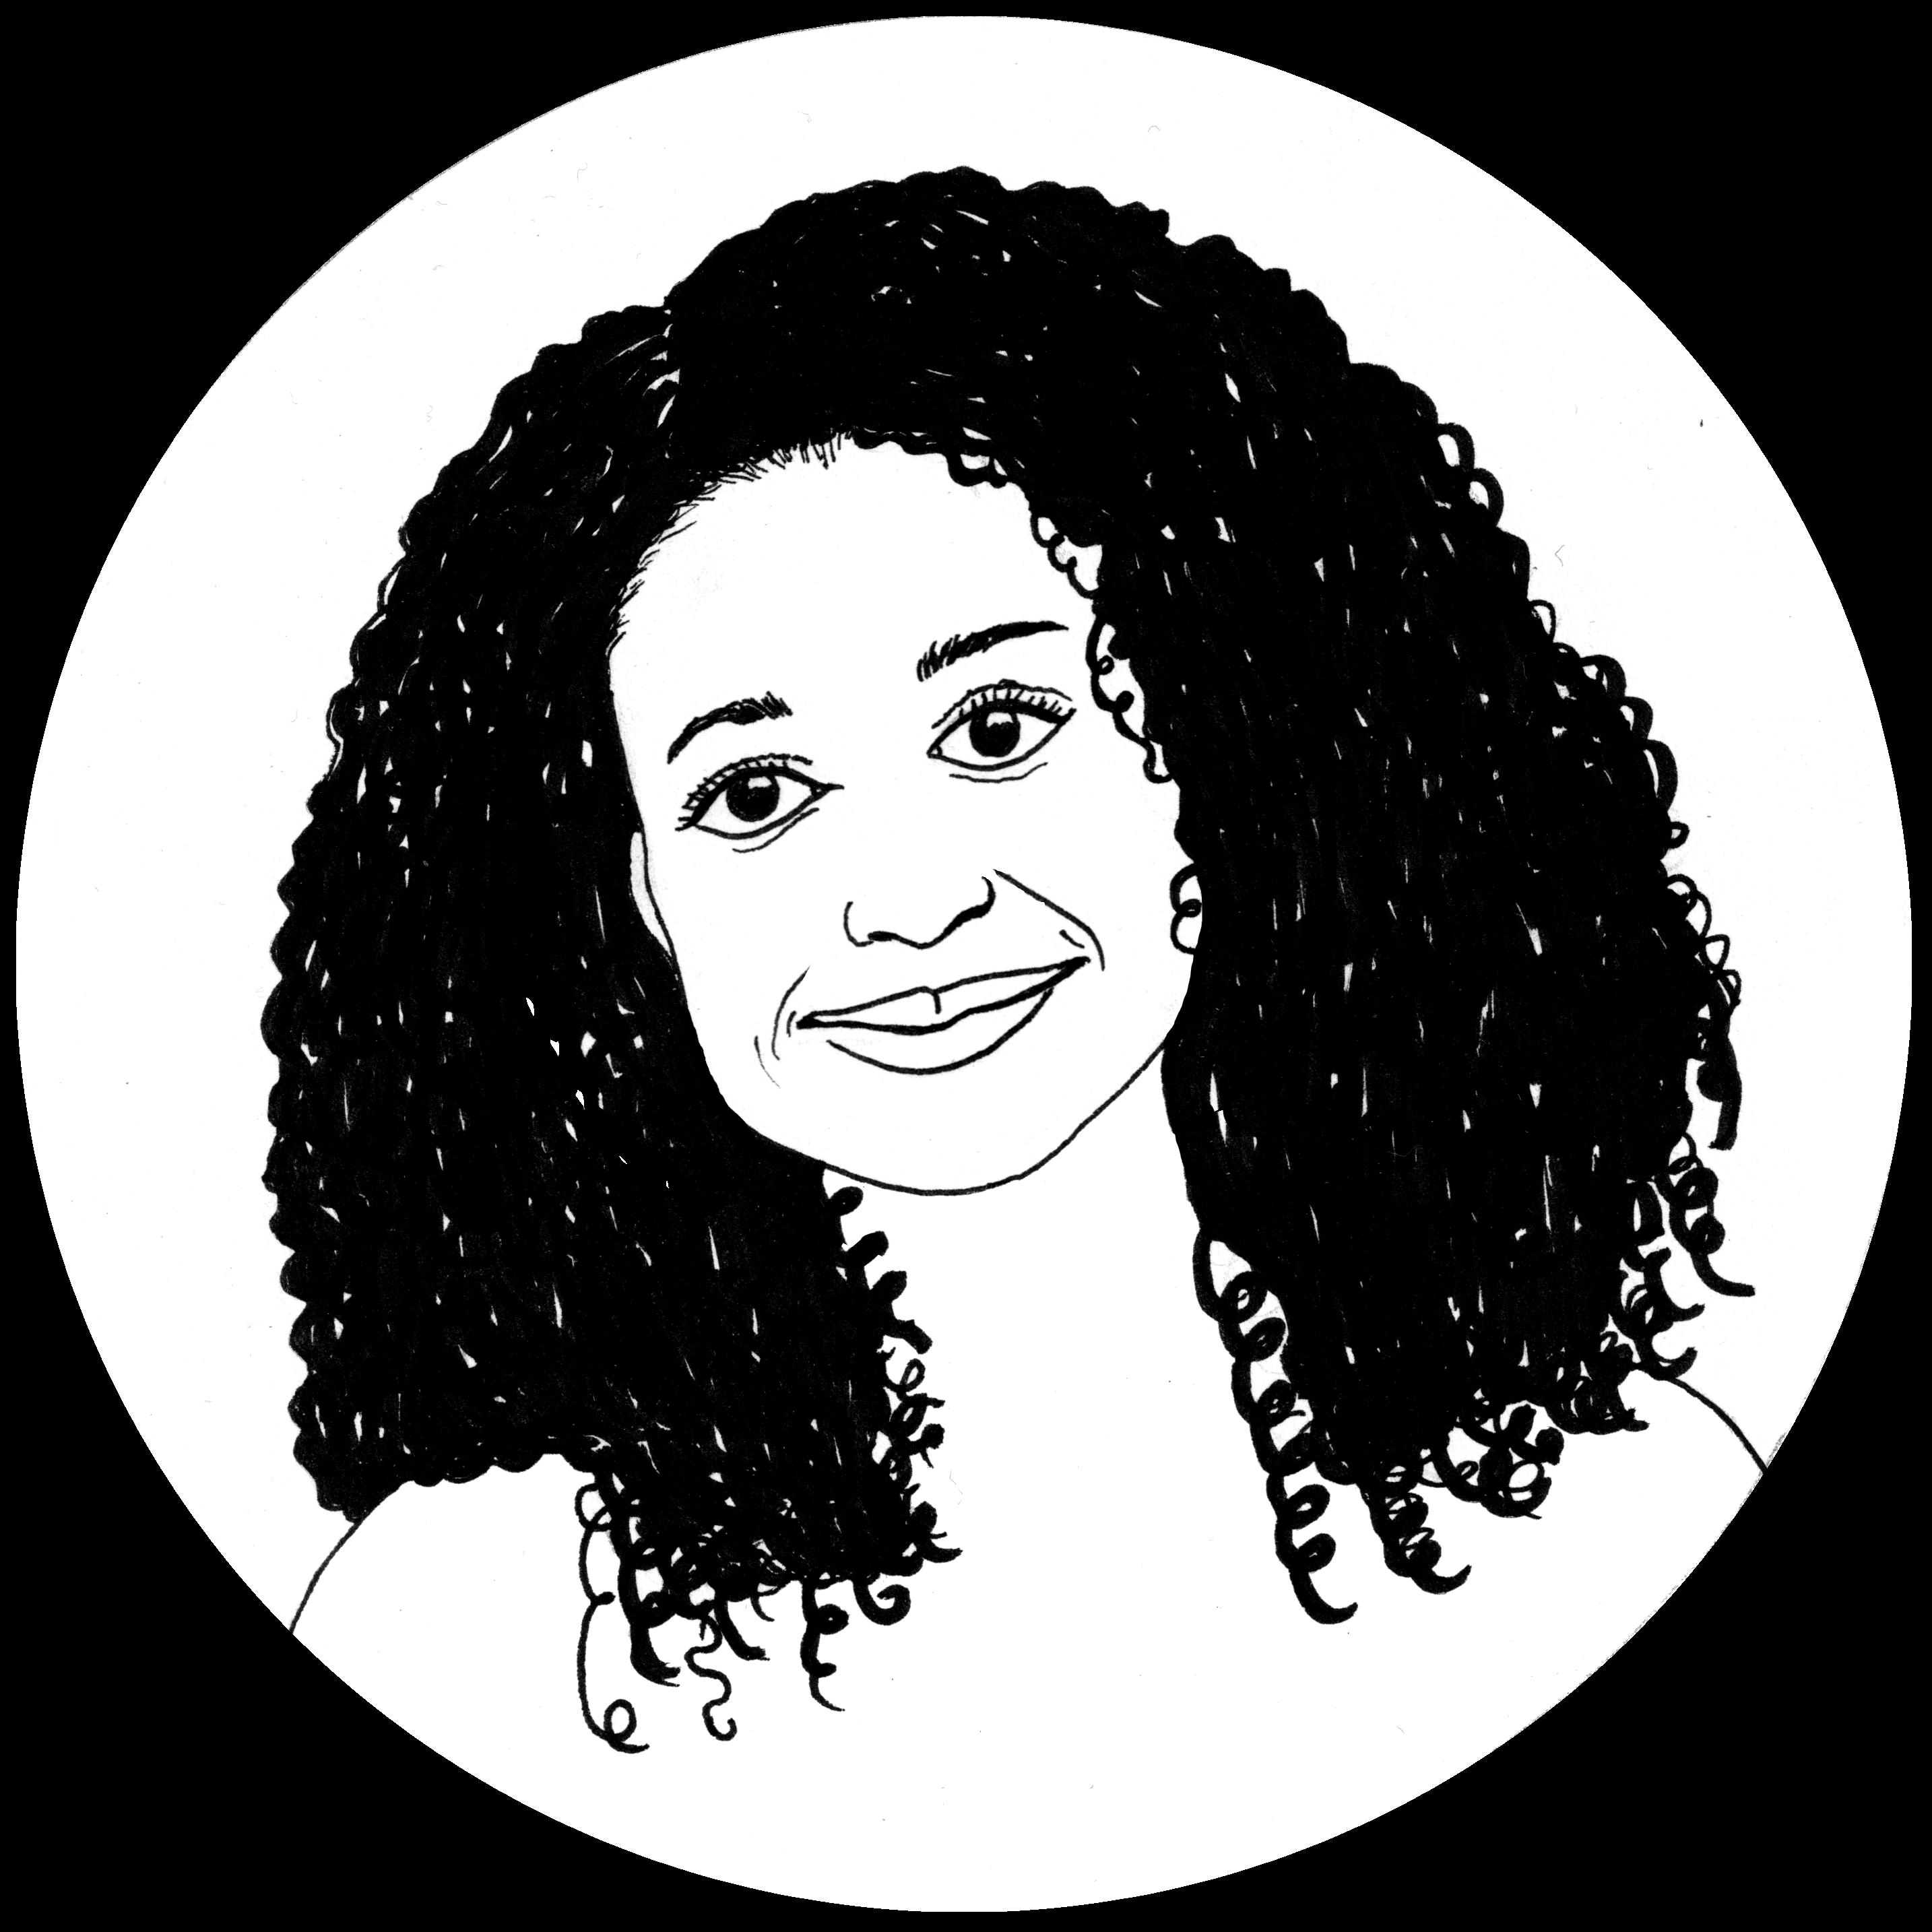 Rassismuskritisch denken lernen – Vom Innehalten und Bewegen: Gespräch mit Jennifer Danquah (@jennidanq)